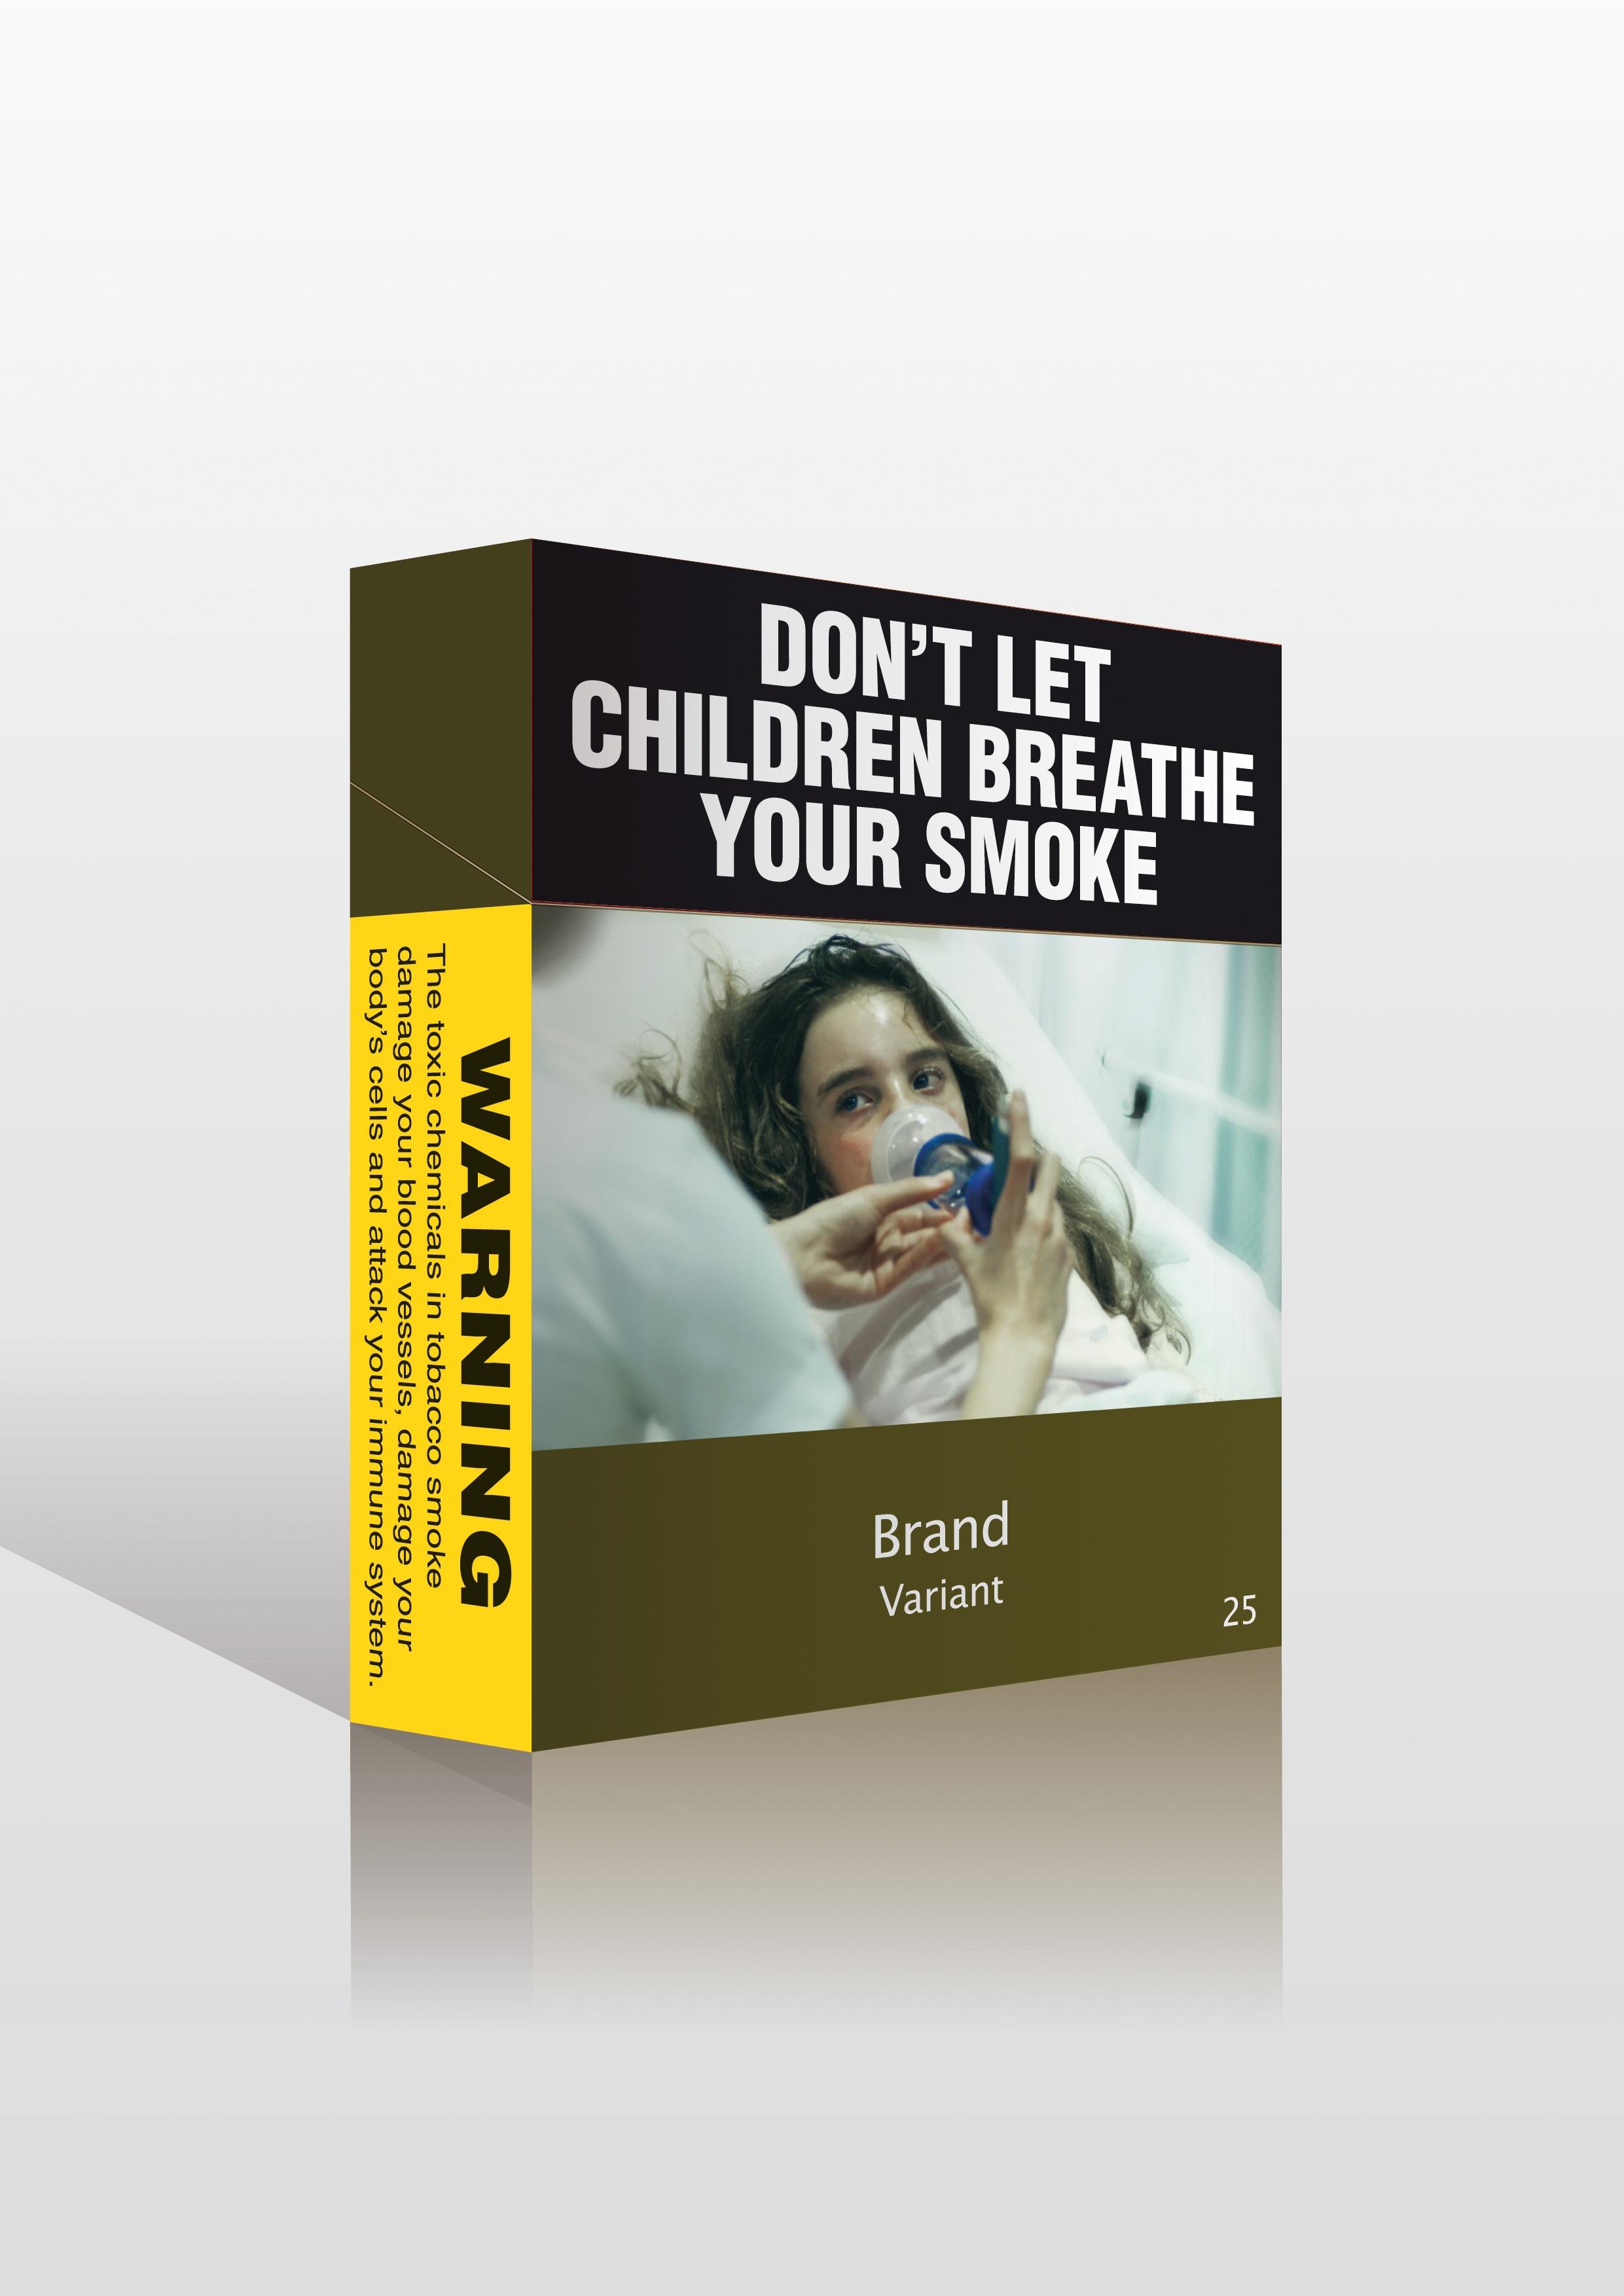 Μην αφήνετε τα παιδιά σας να εισπνέουν τον καπνό σας....